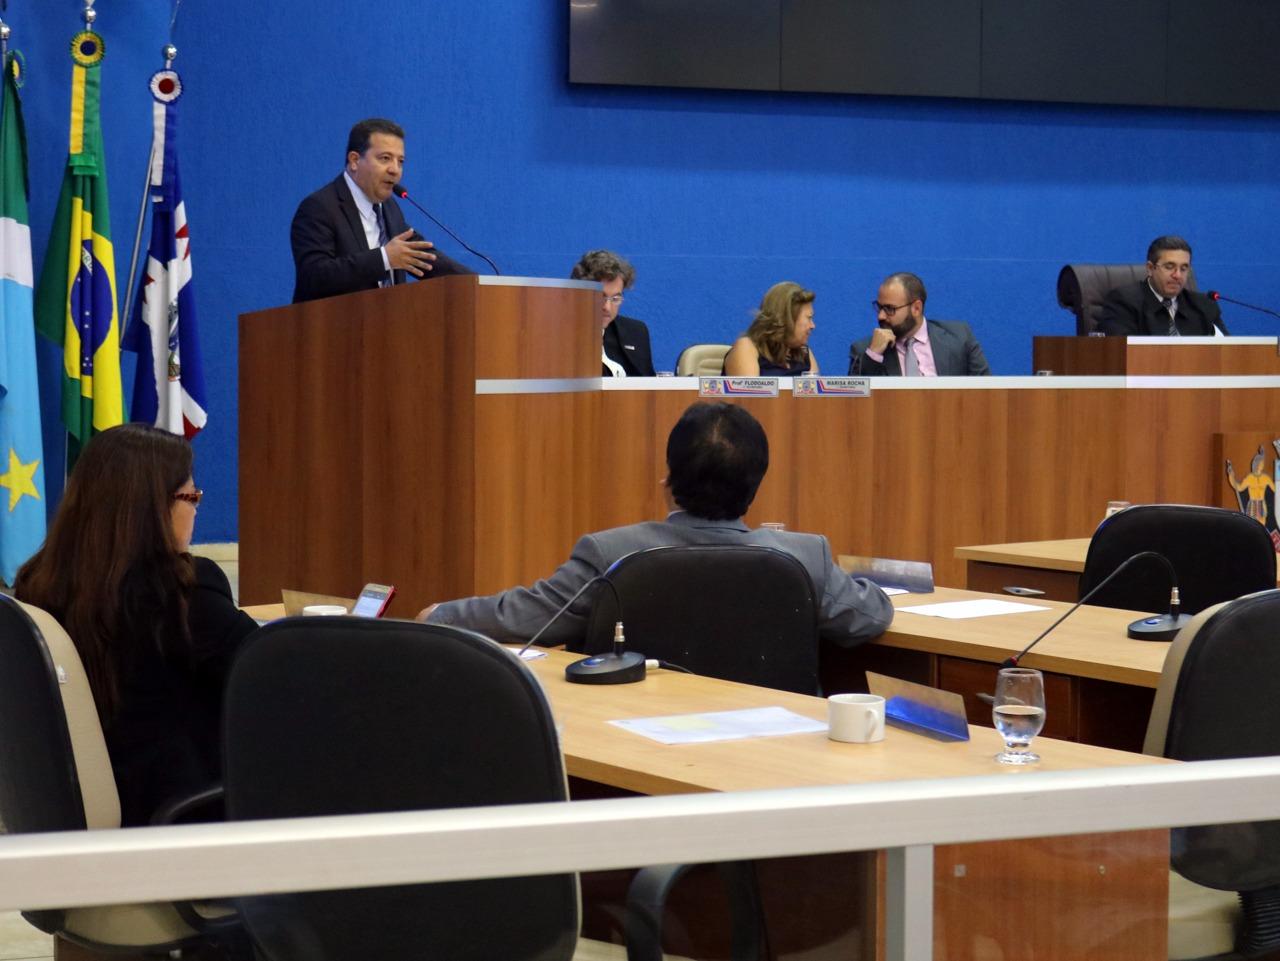 Tonhão retornará a Câmara após Luciano Dutra pedir exoneração do cargo